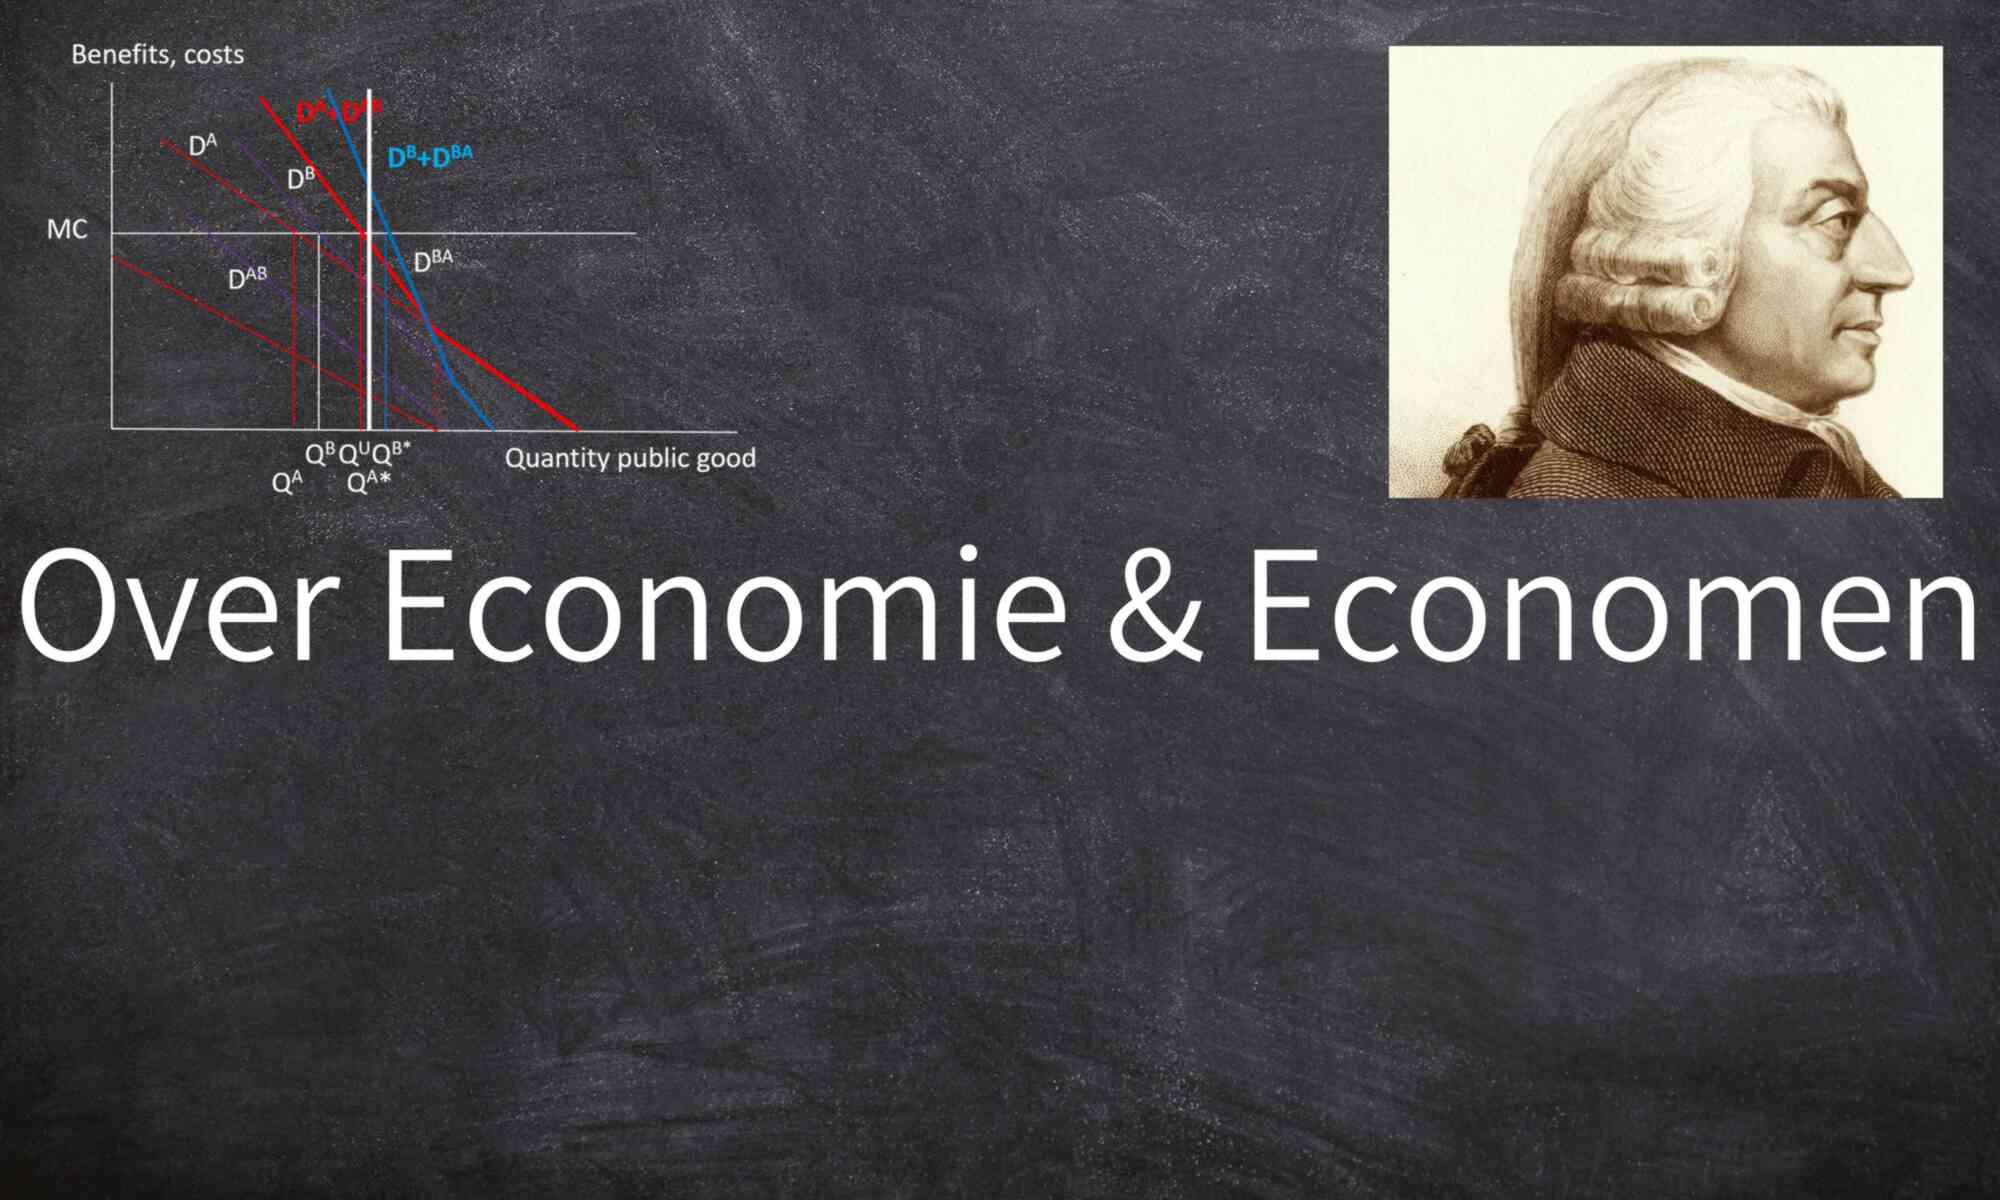 Over Economie & Economen